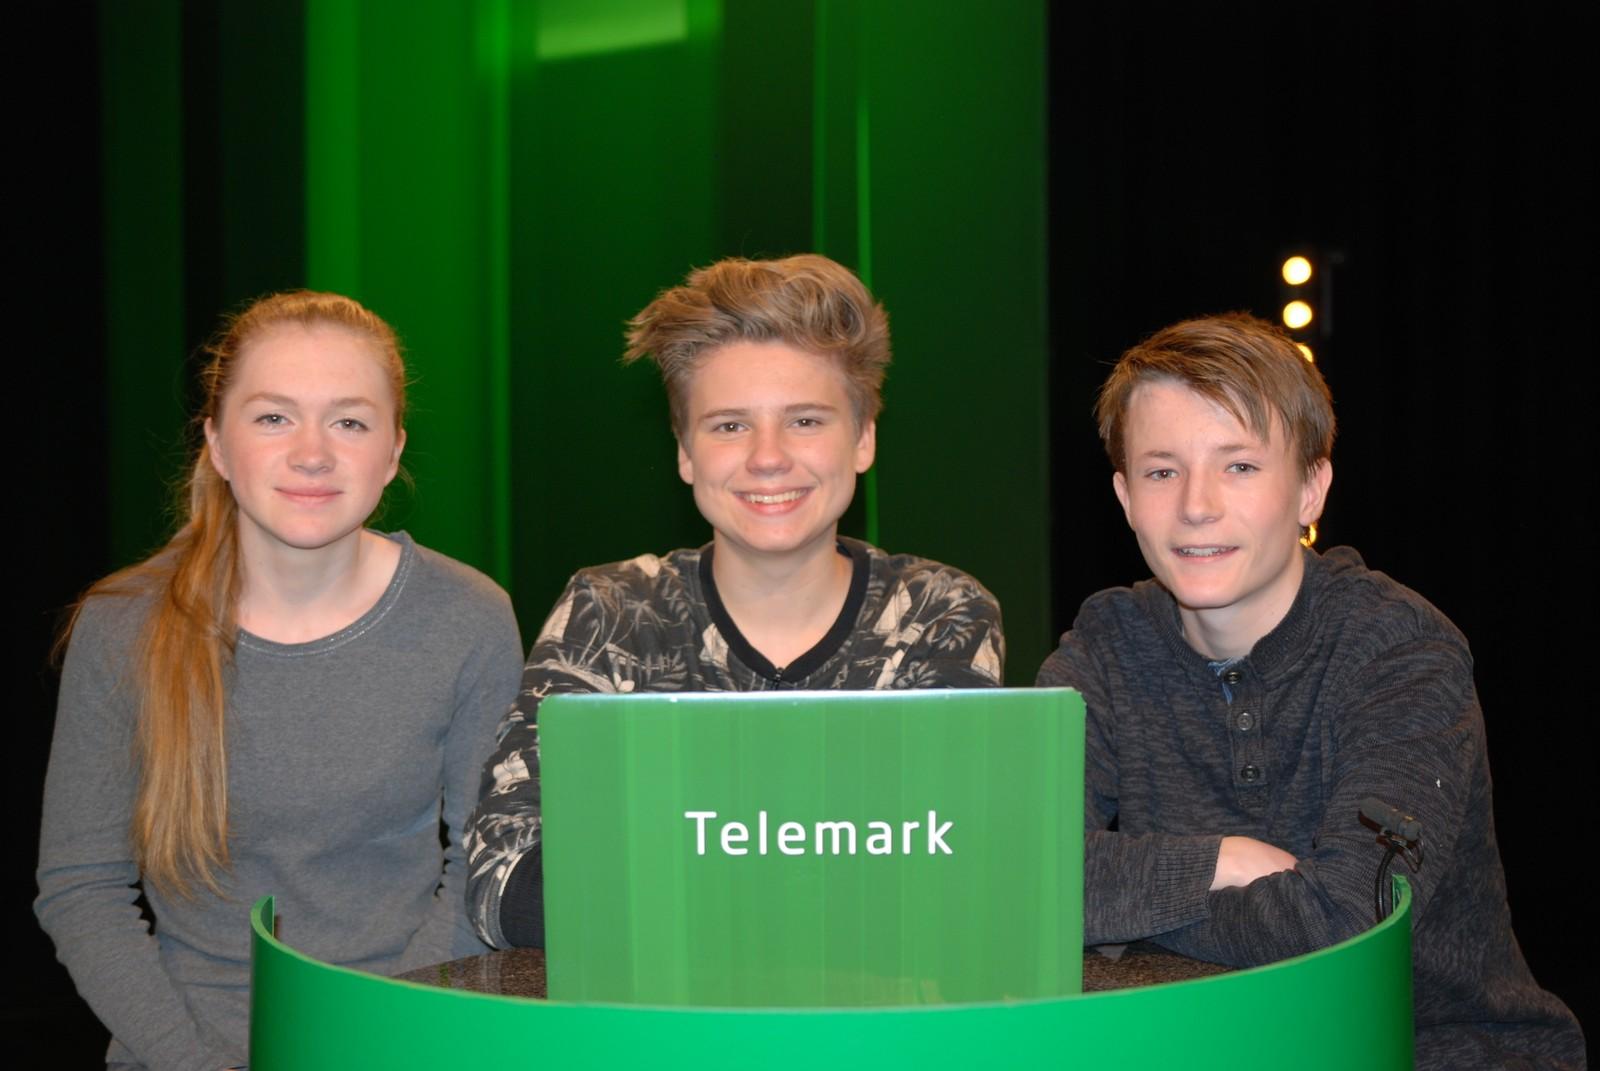 TELEMARK: Drangedal skole her representert ved Lars Brian Flaten, Markus Sannes og Maren Dorthea Bastnes.